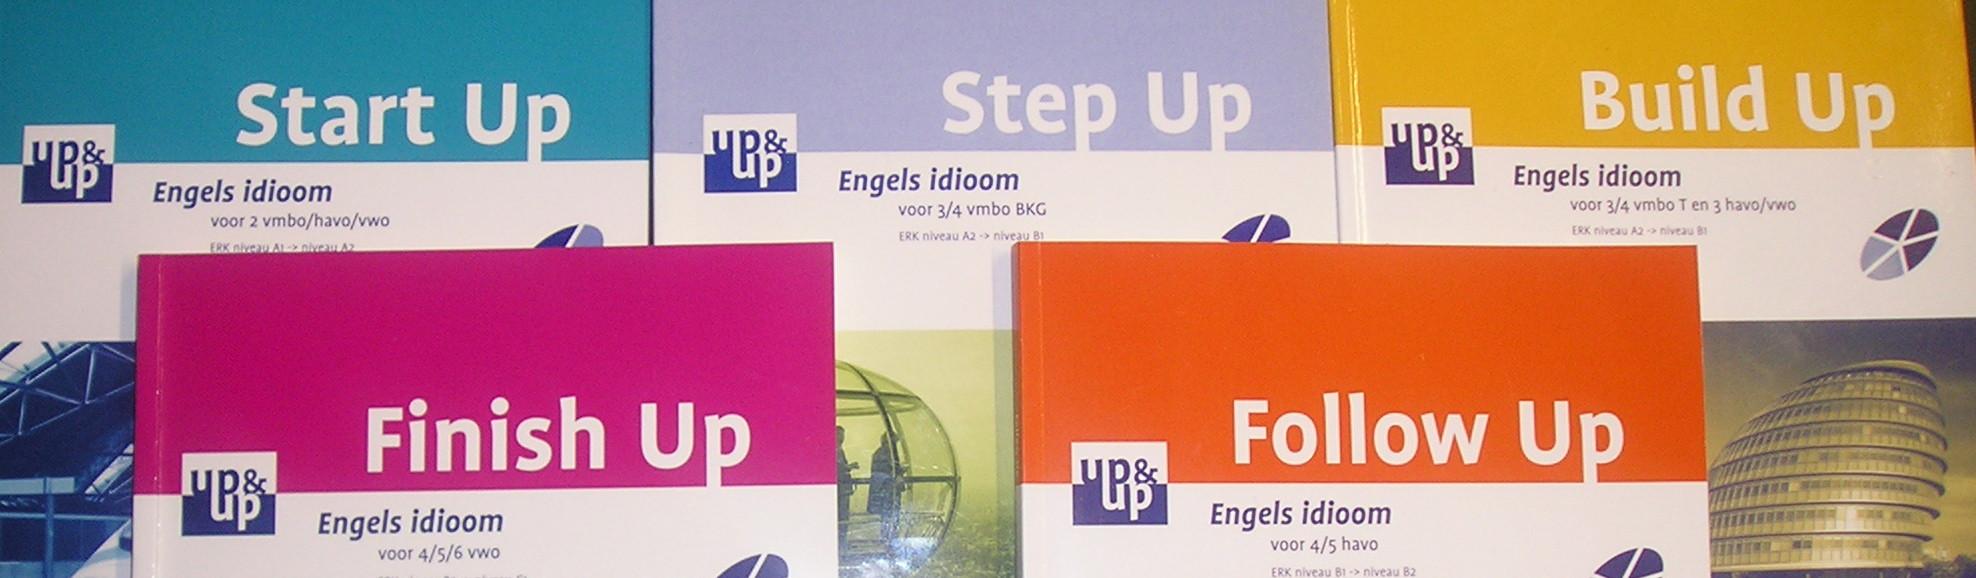 Uo&Up idioomboeken